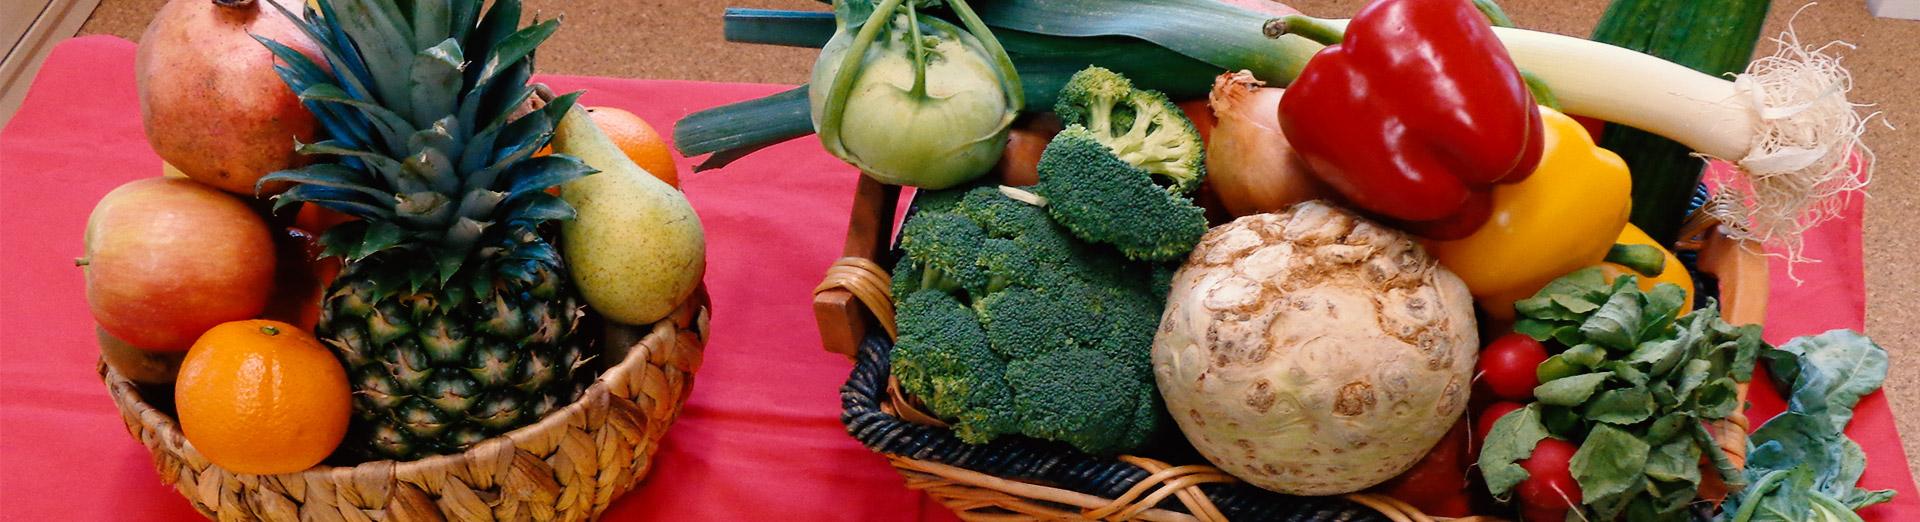 Obst- und Gemüsekorb auf einem Tisch